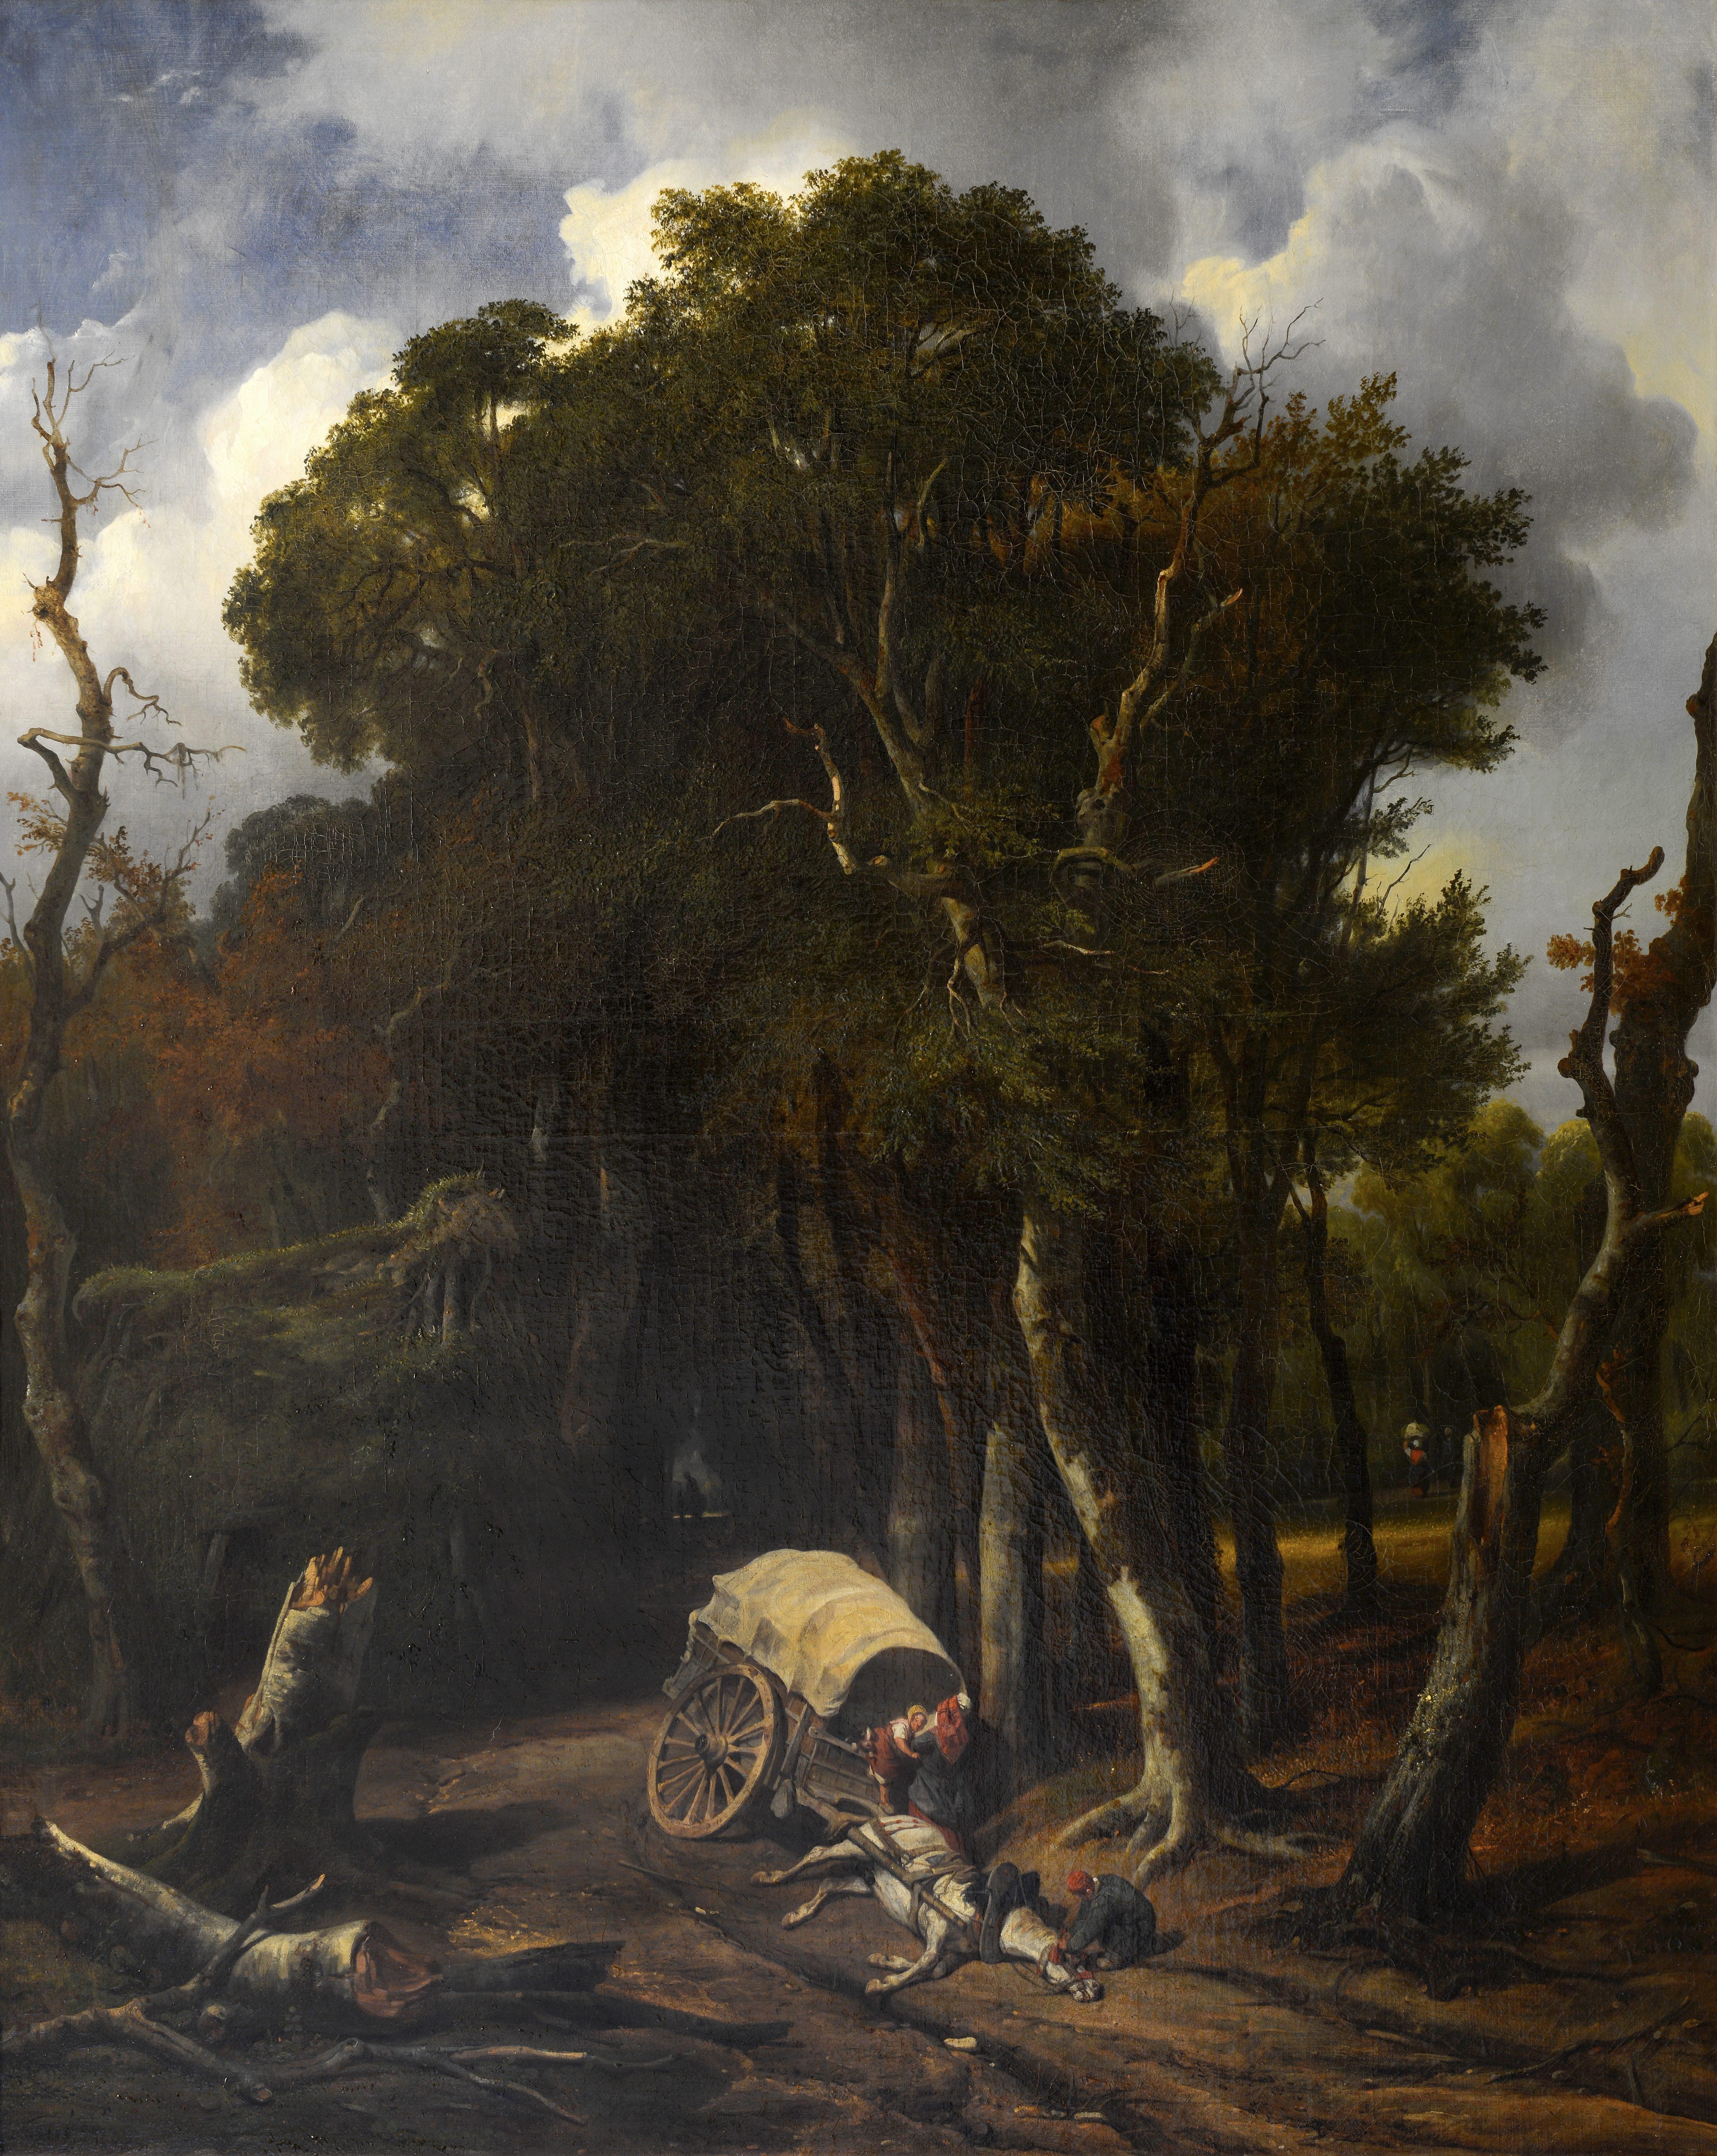 Jean-Marie Oscar Gué, Voiture renverse dans la forêt de Fontainebleau, 1839 © Musée de Valence, photographie Eric Caillet